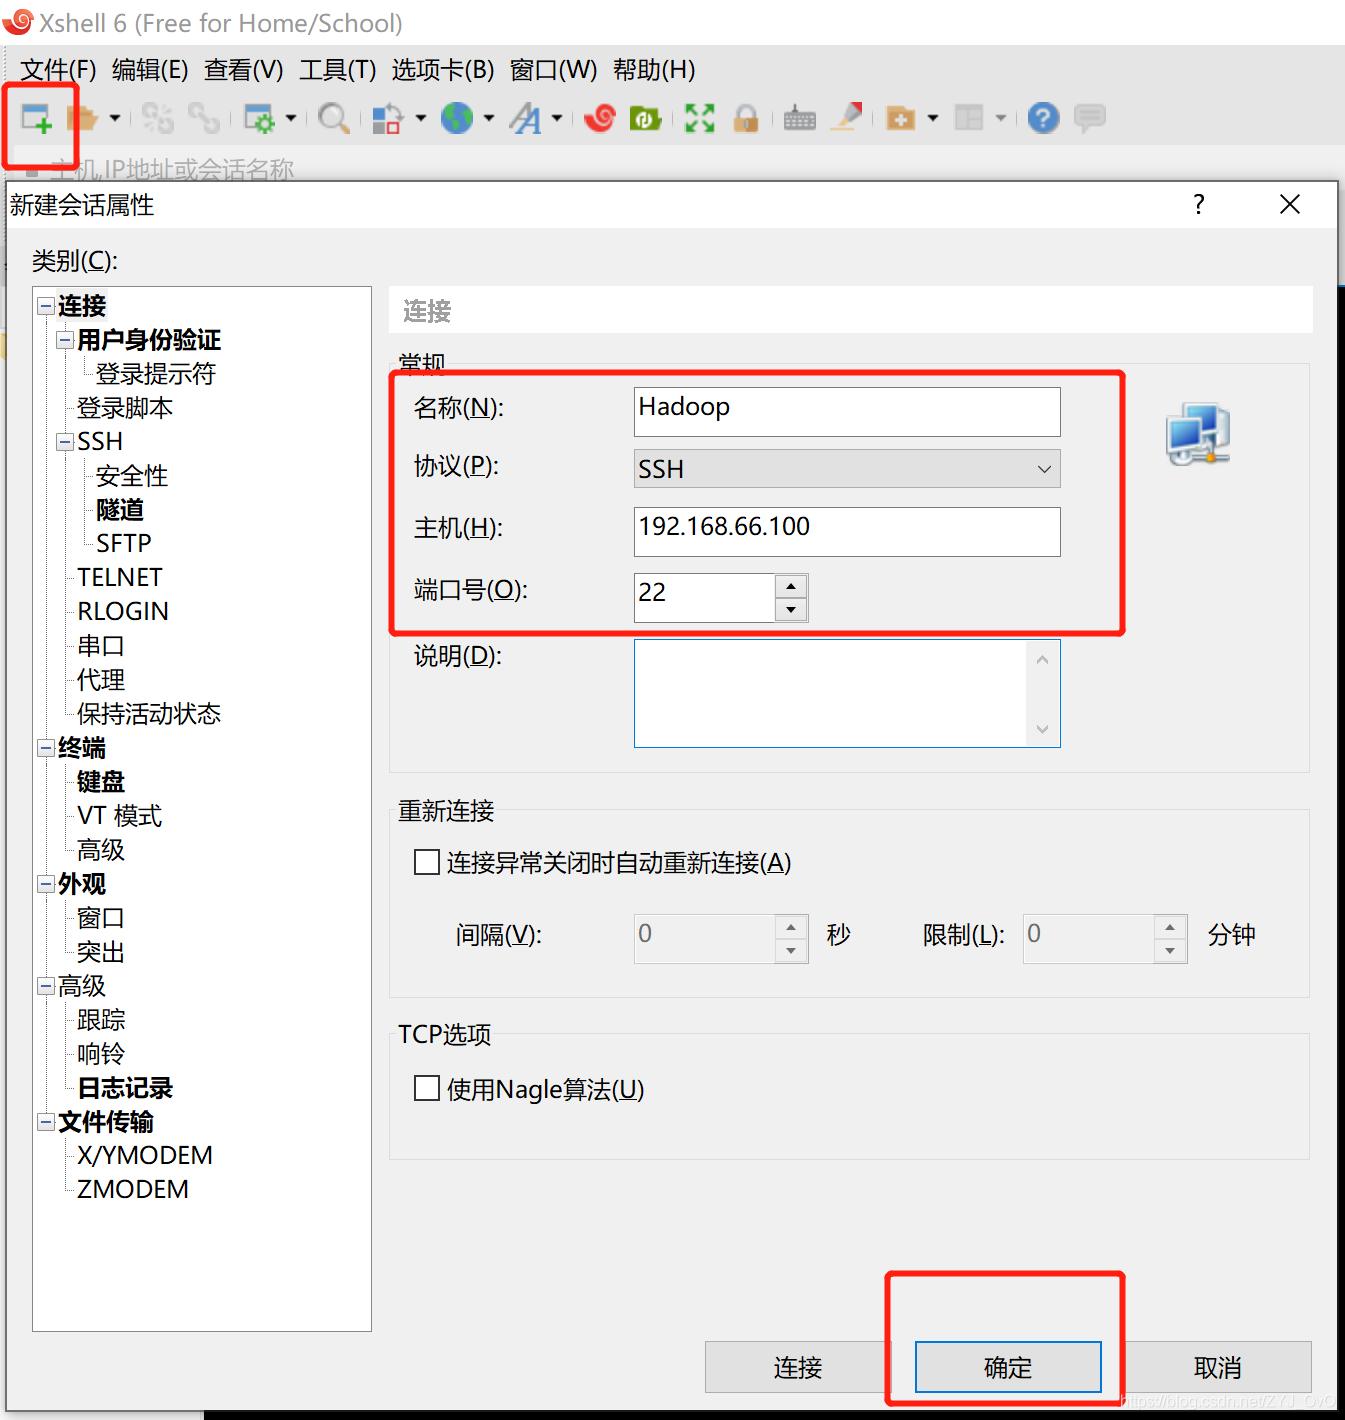 [外链图片转存失败,源站可能有防盗链机制,建议将图片保存下来直接上传(img-2zuhLuqS-1610654132947)(C:\Users\Mac\Desktop\大数据技能\xshell连接.png)]